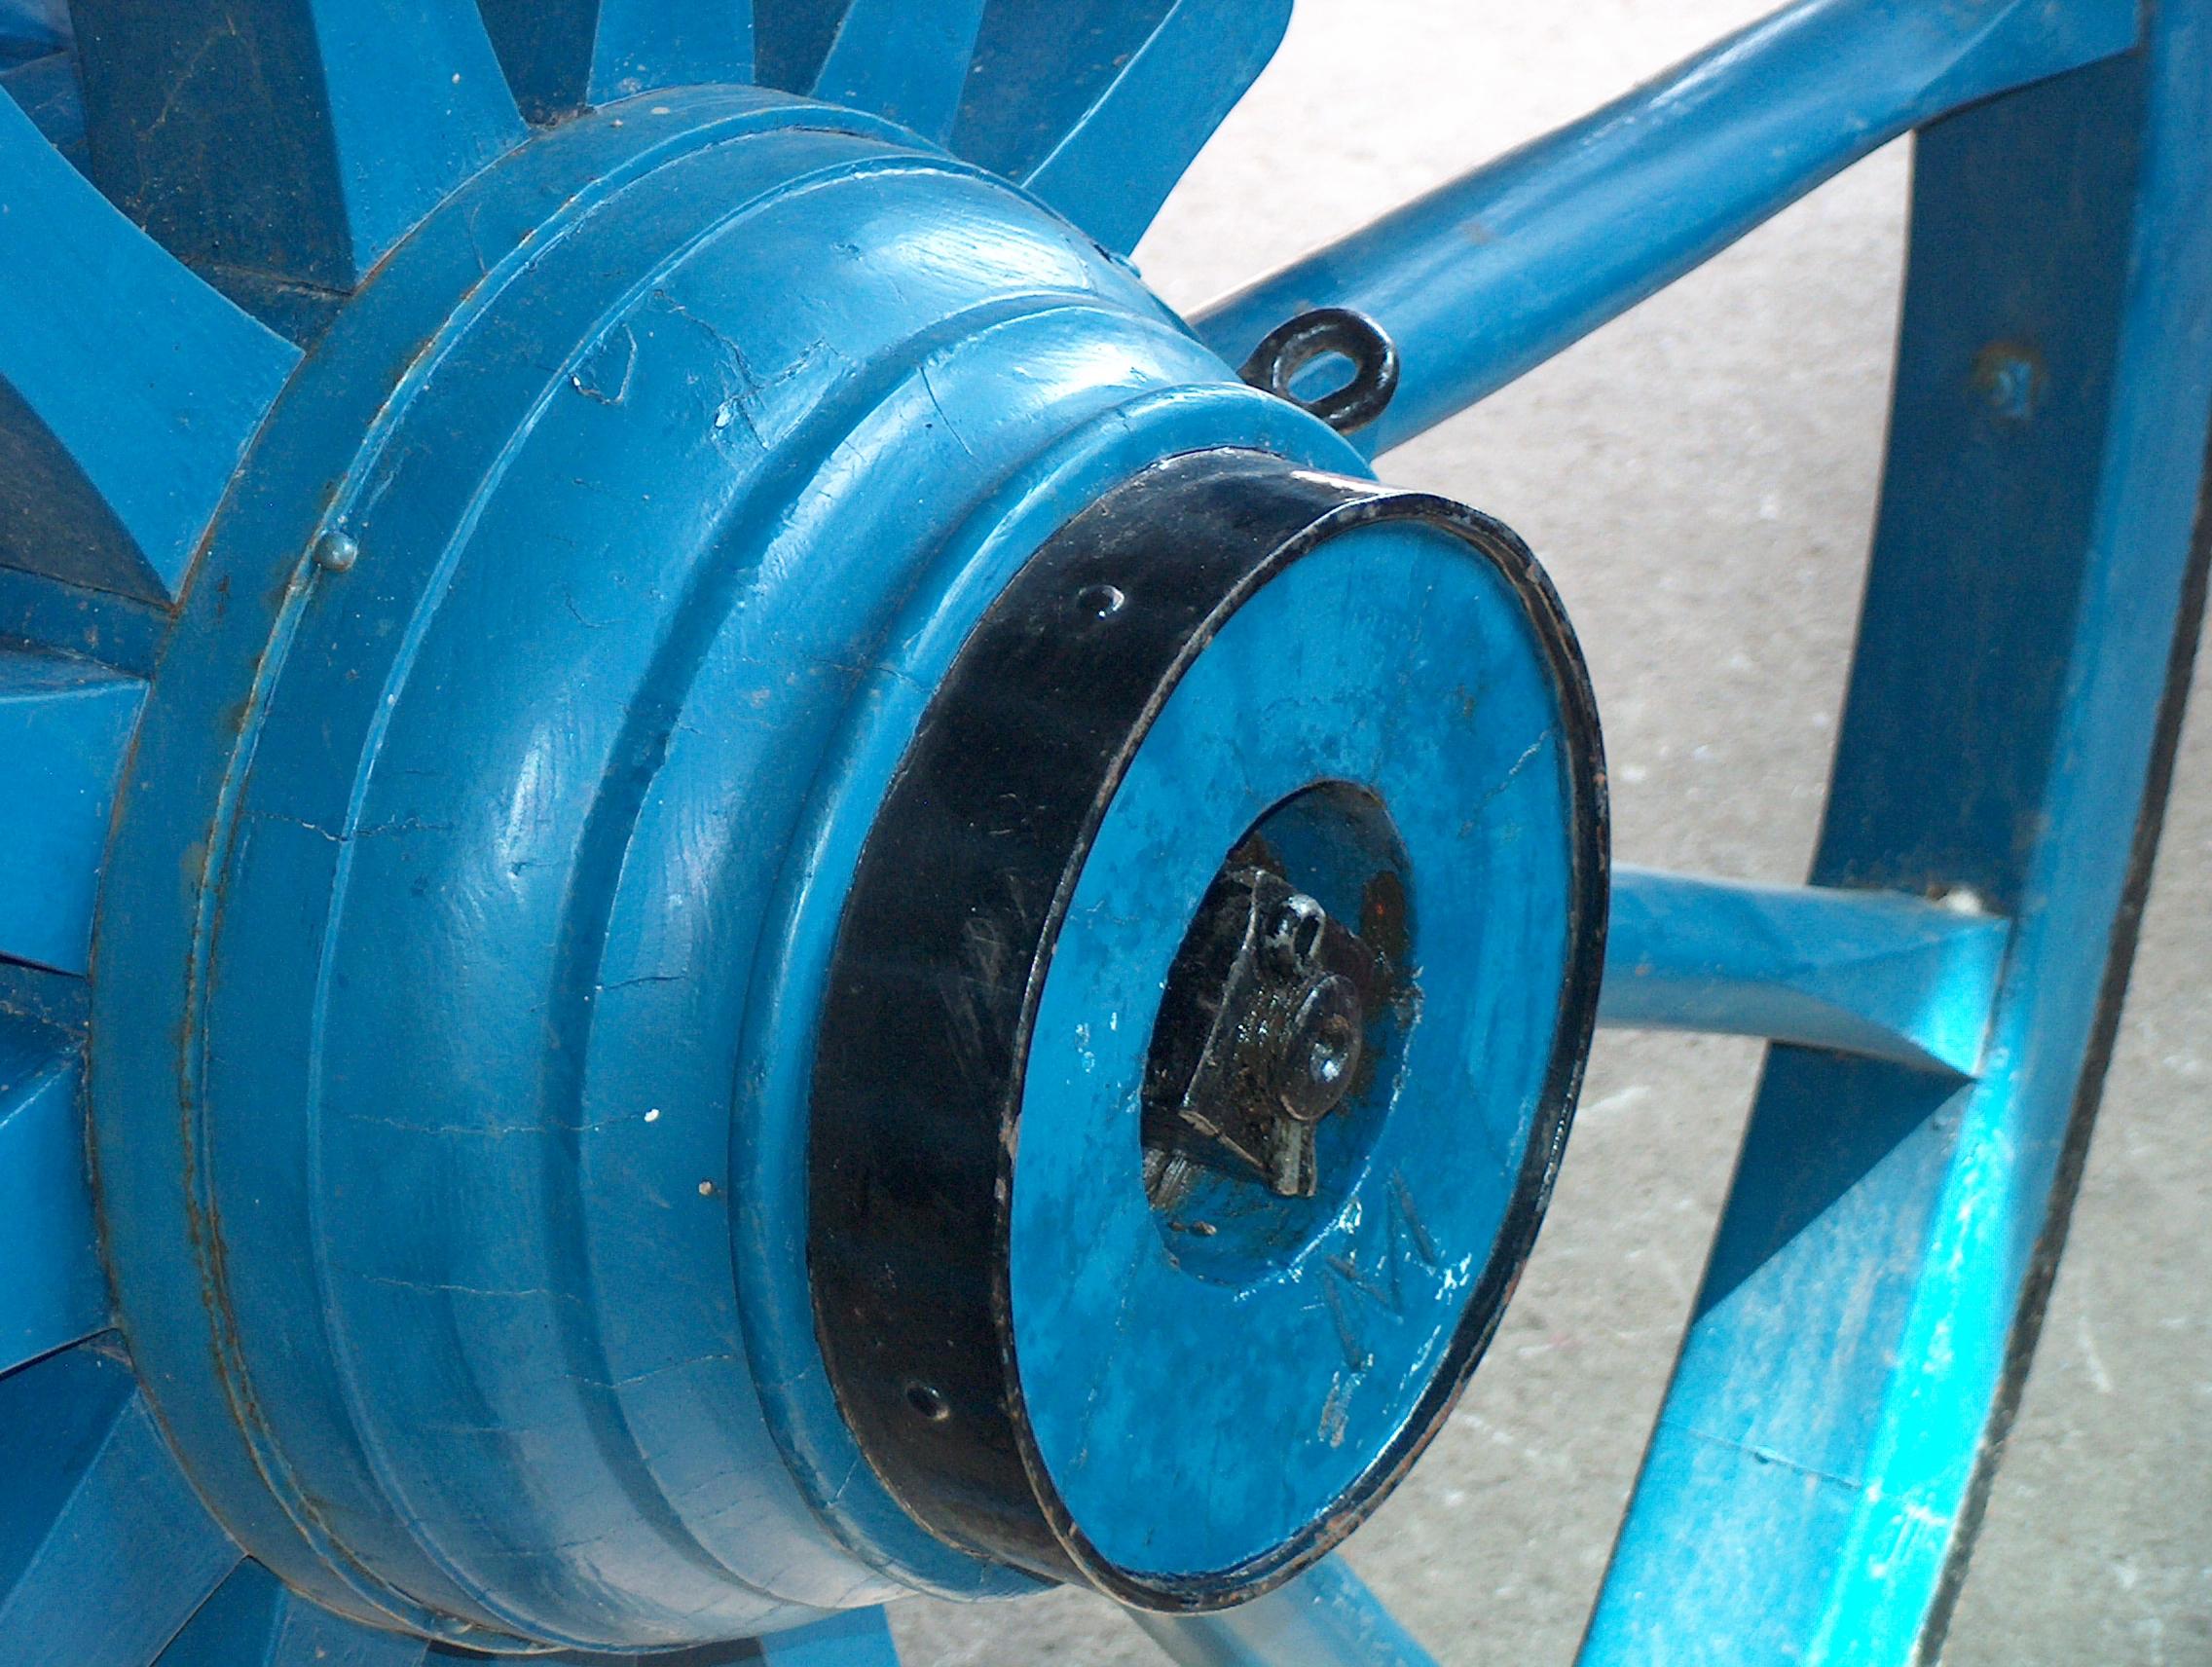 HPIM7430.JPG